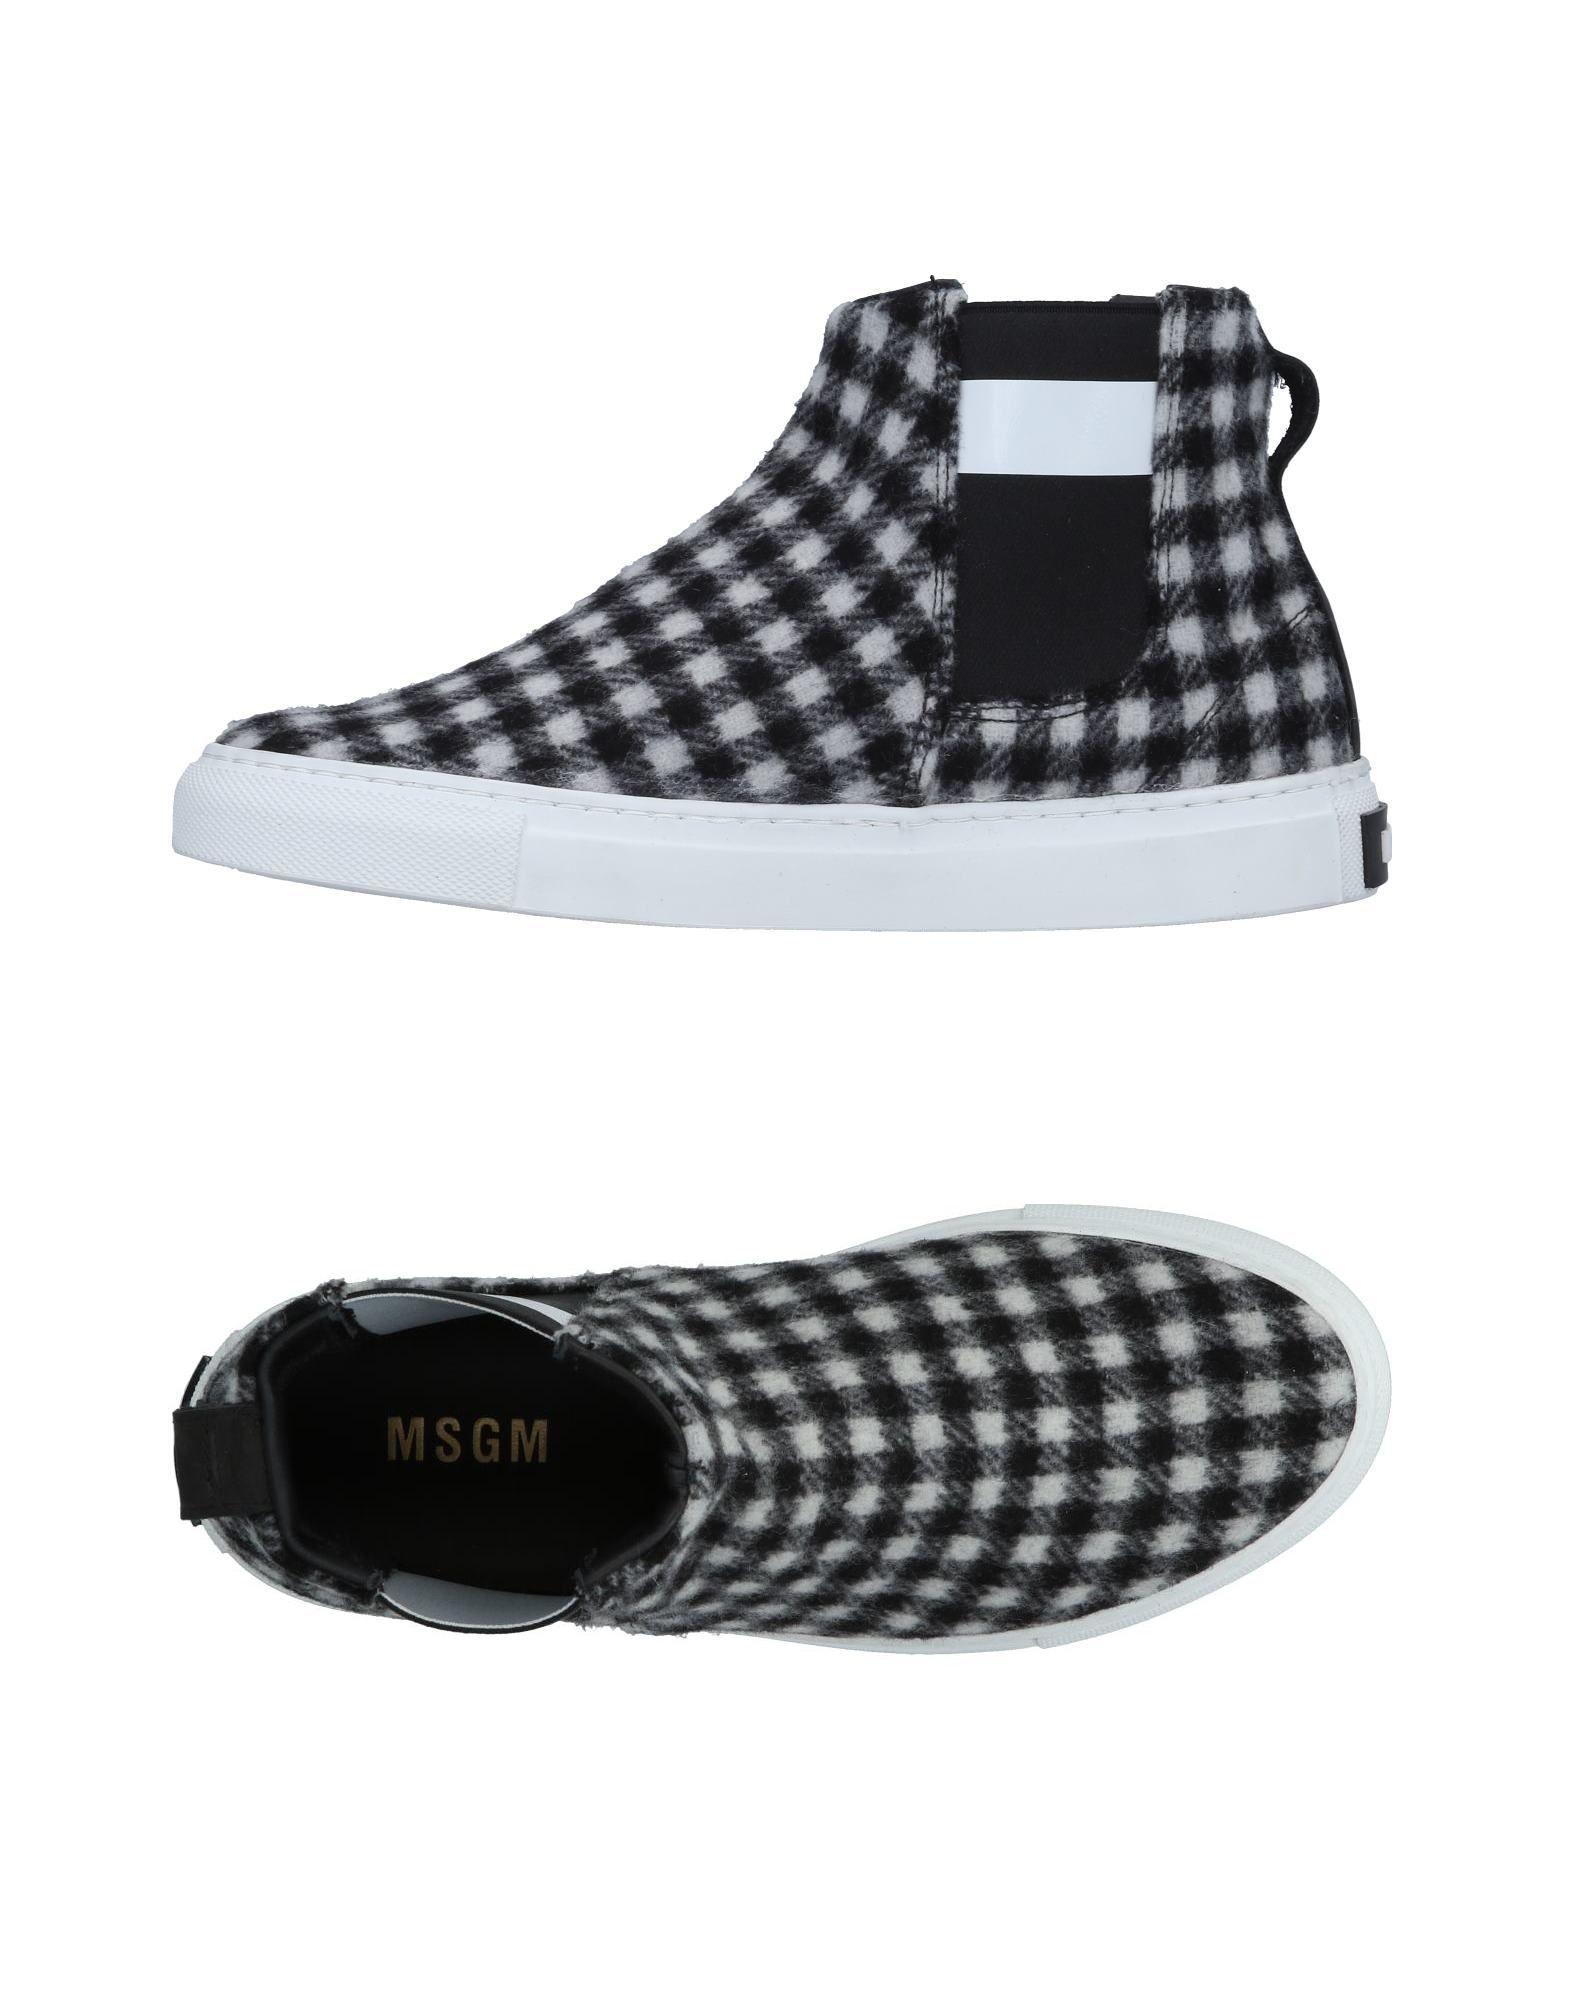 Scarpe economiche e resistenti Sneakers Msgm Donna - 11495810IX